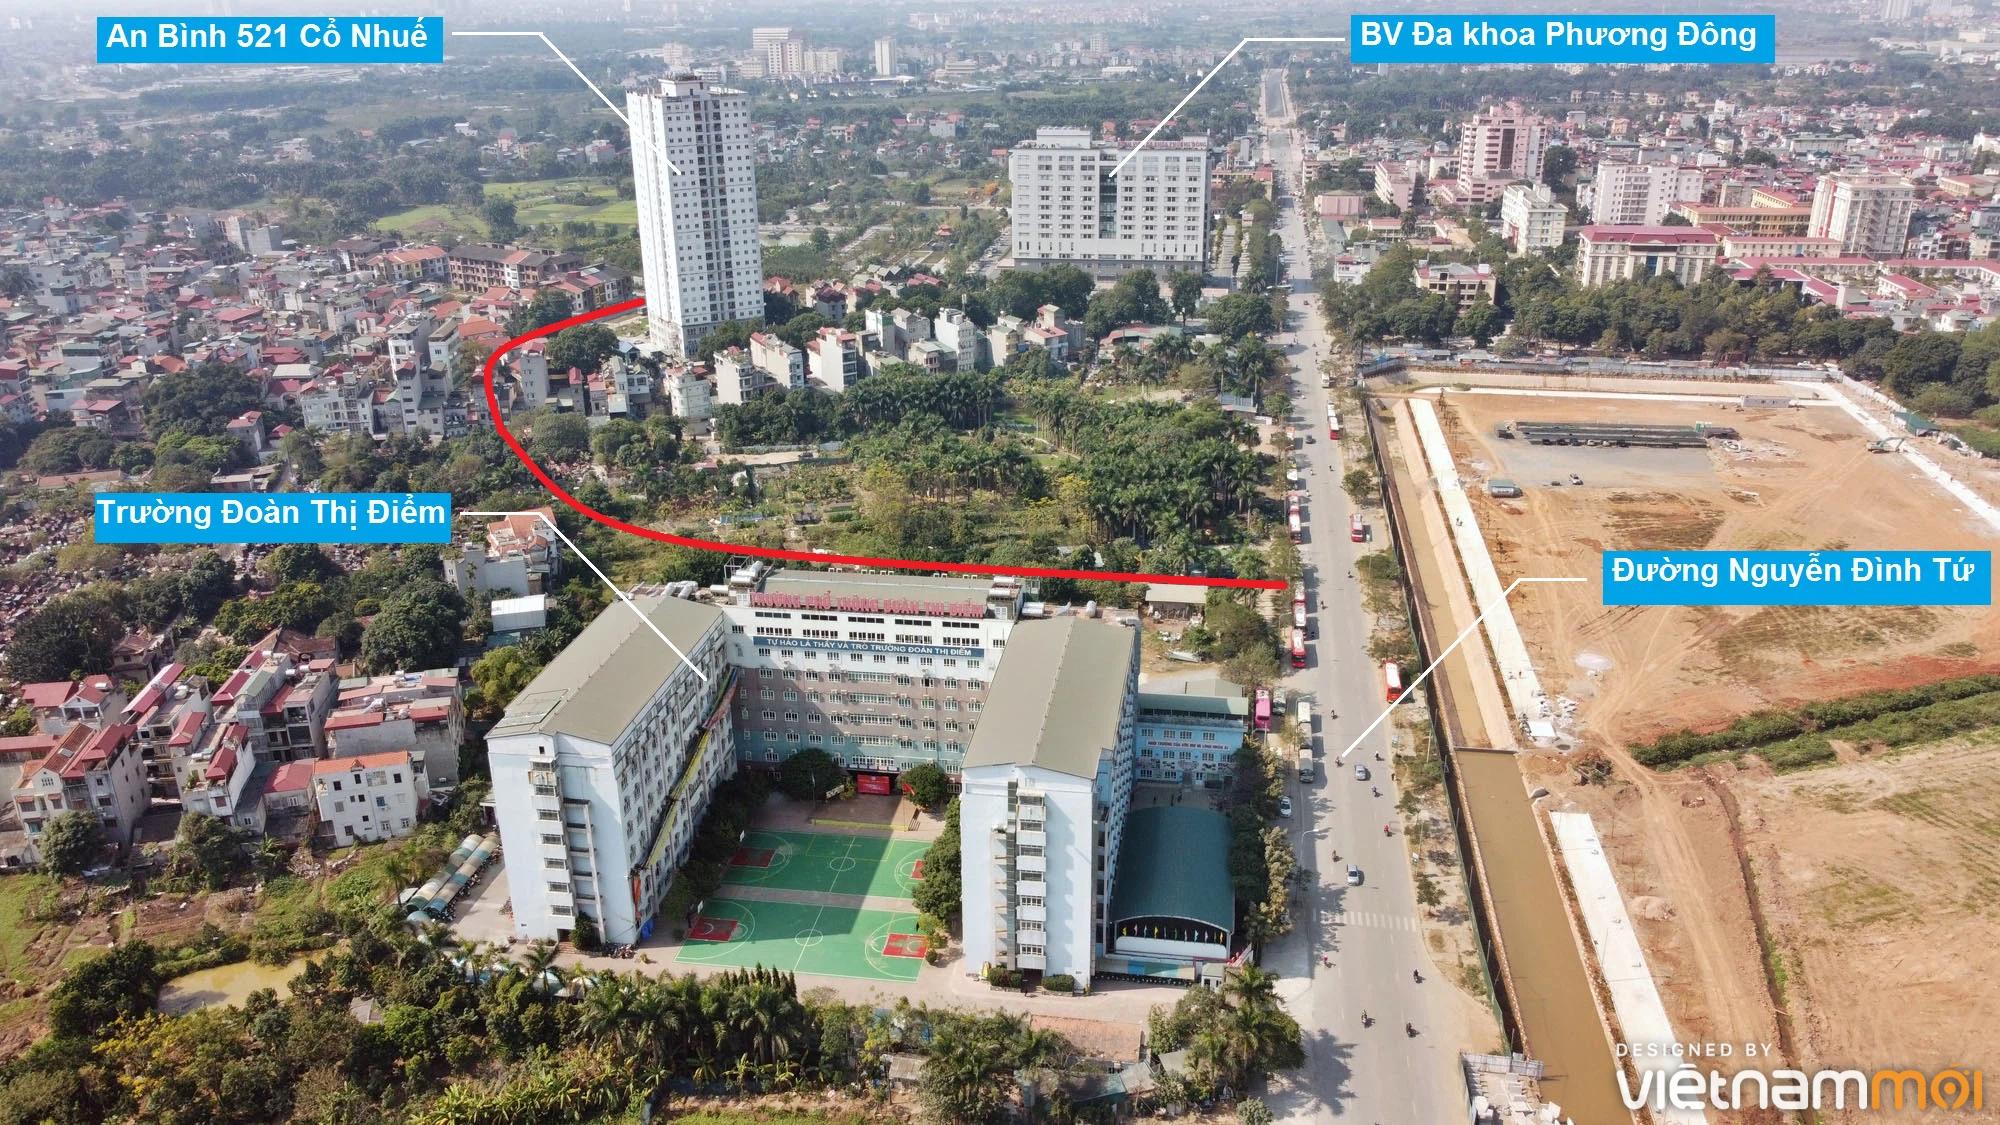 Ba đường sẽ mở theo qui hoạch ở phường Cổ Nhuế 2, Bắc Từ Liêm, Hà Nội (phần 2) - Ảnh 12.